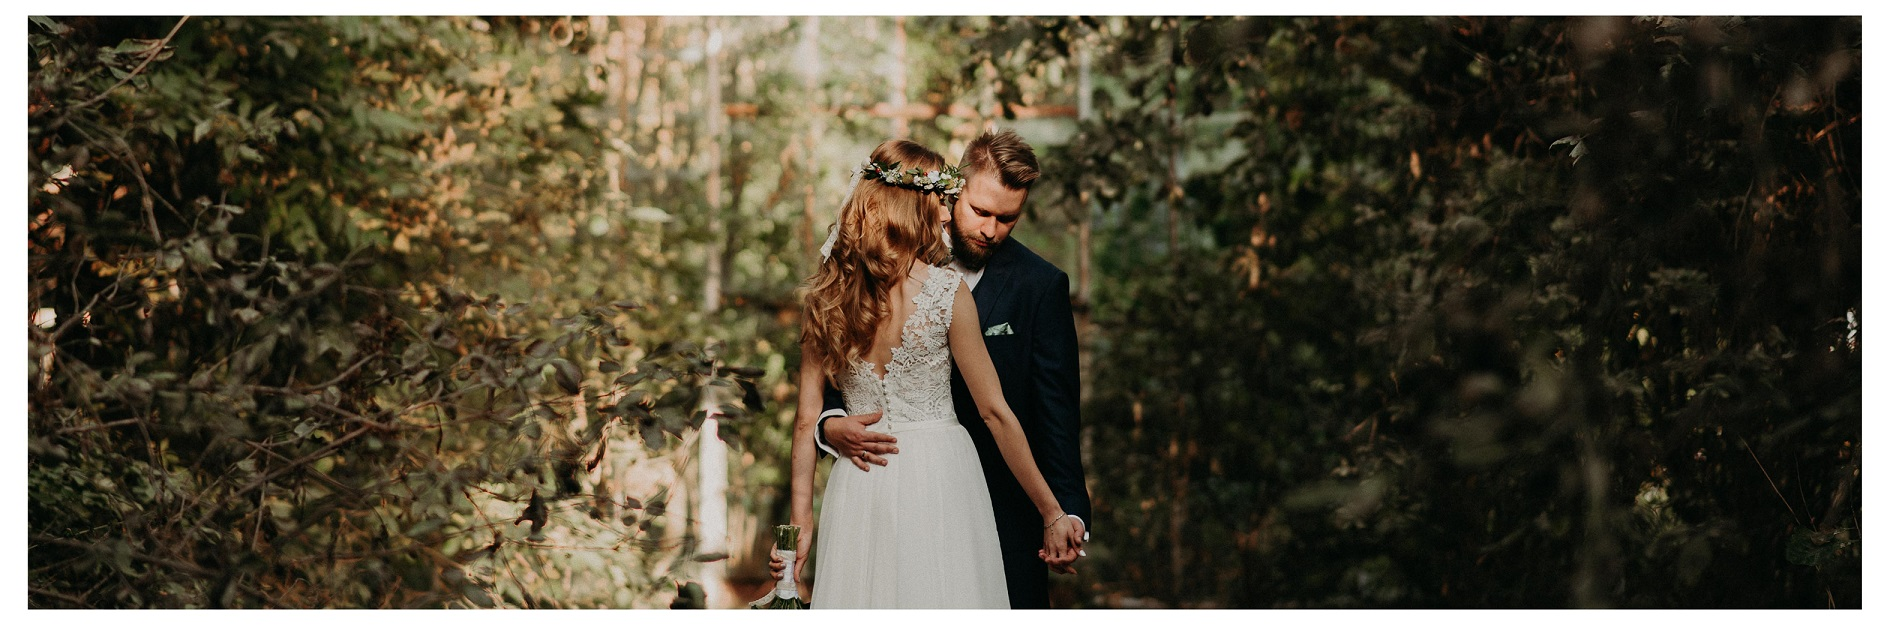 Para Młoda przytulona w szklarni